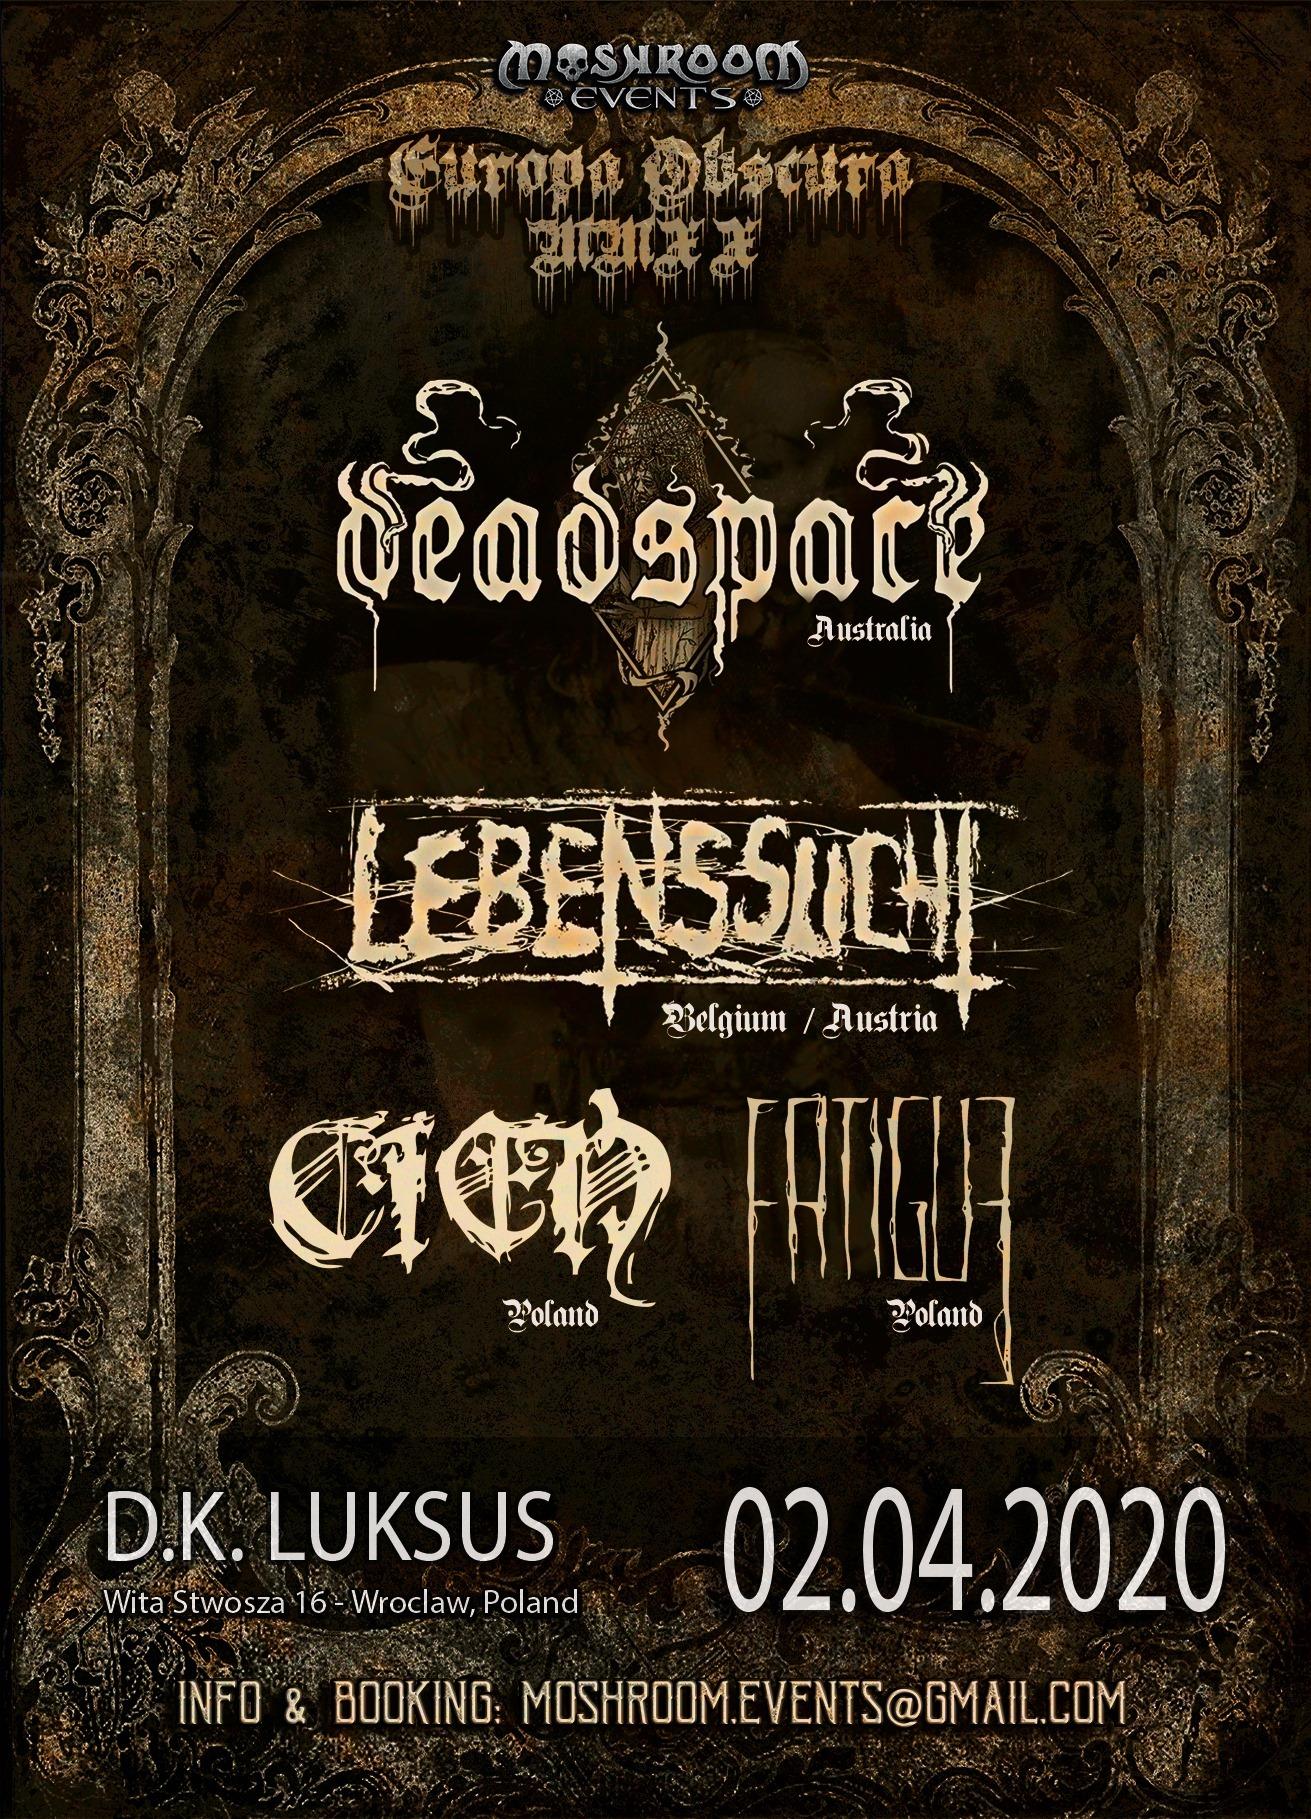 Deadspace / Lebenssucht / Cień / Fatigue Wrocław